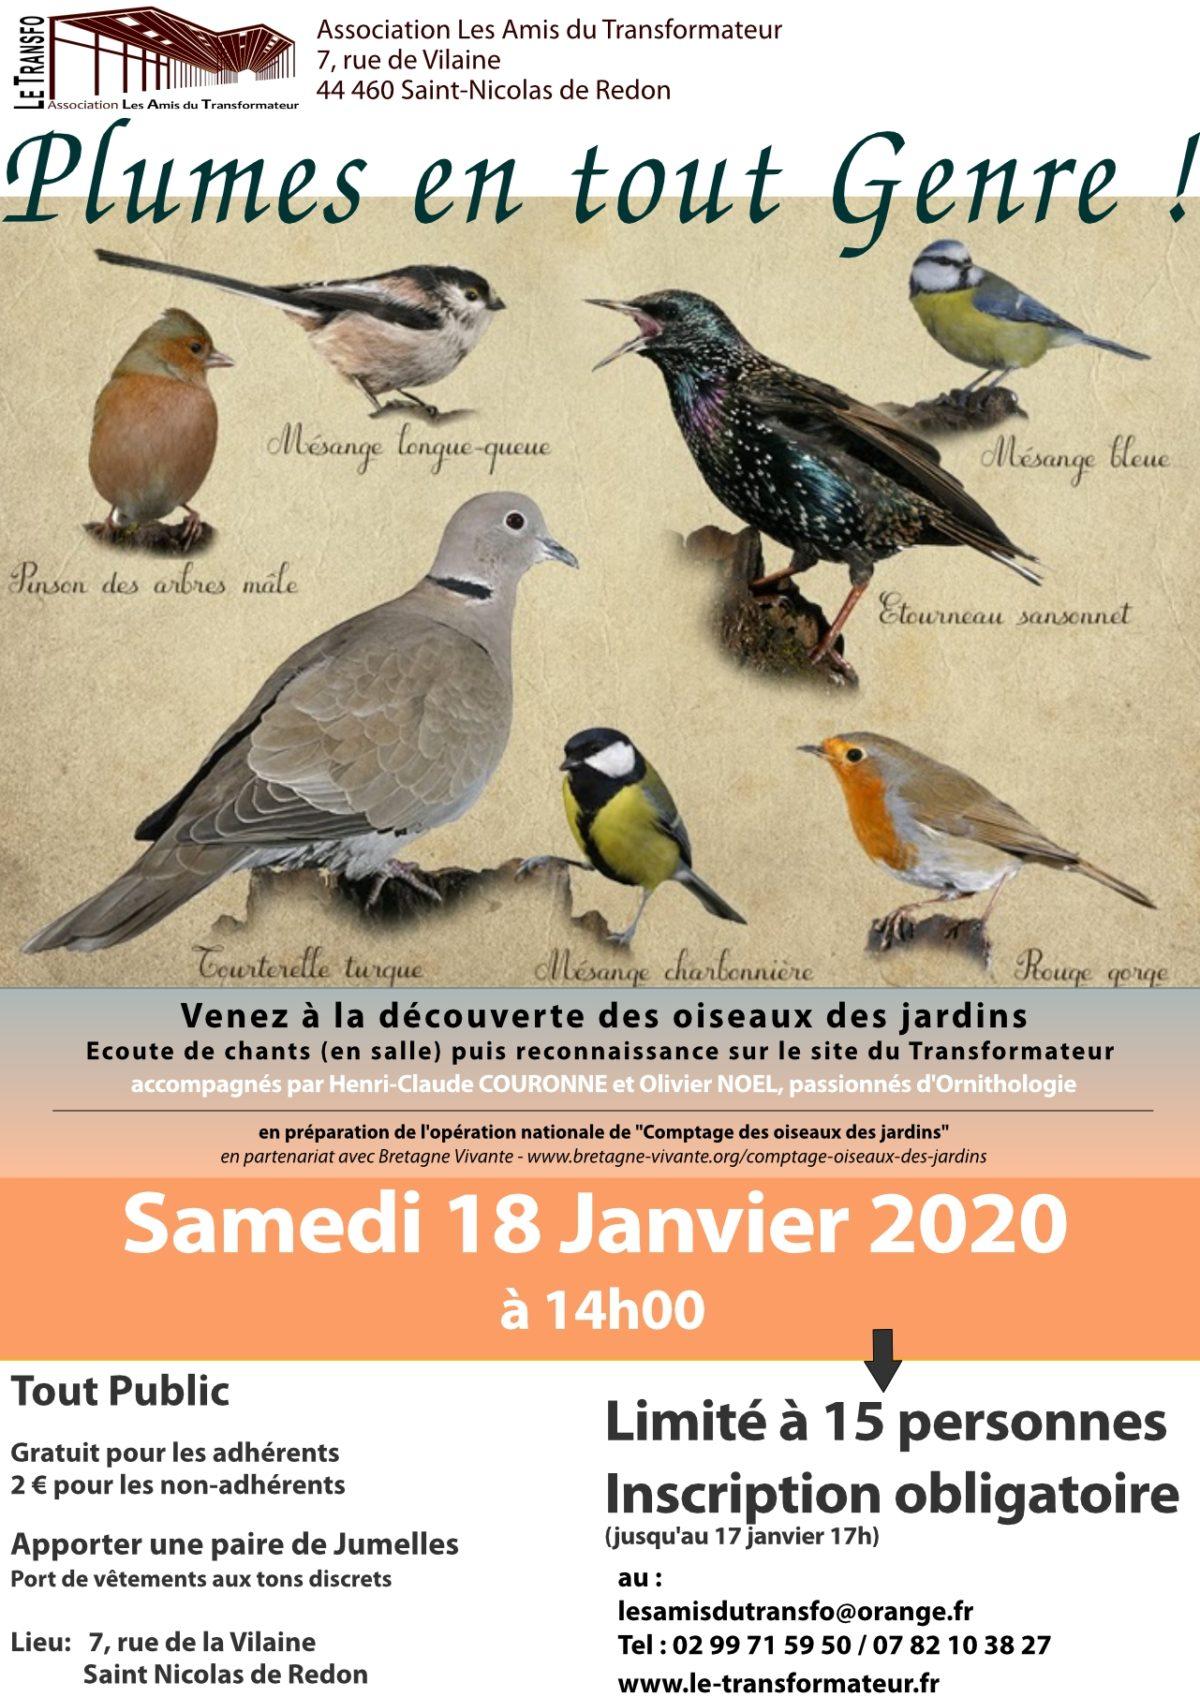 Découverte des oiseaux des Jardins – Sam. 18 janvier 2020 à 14h